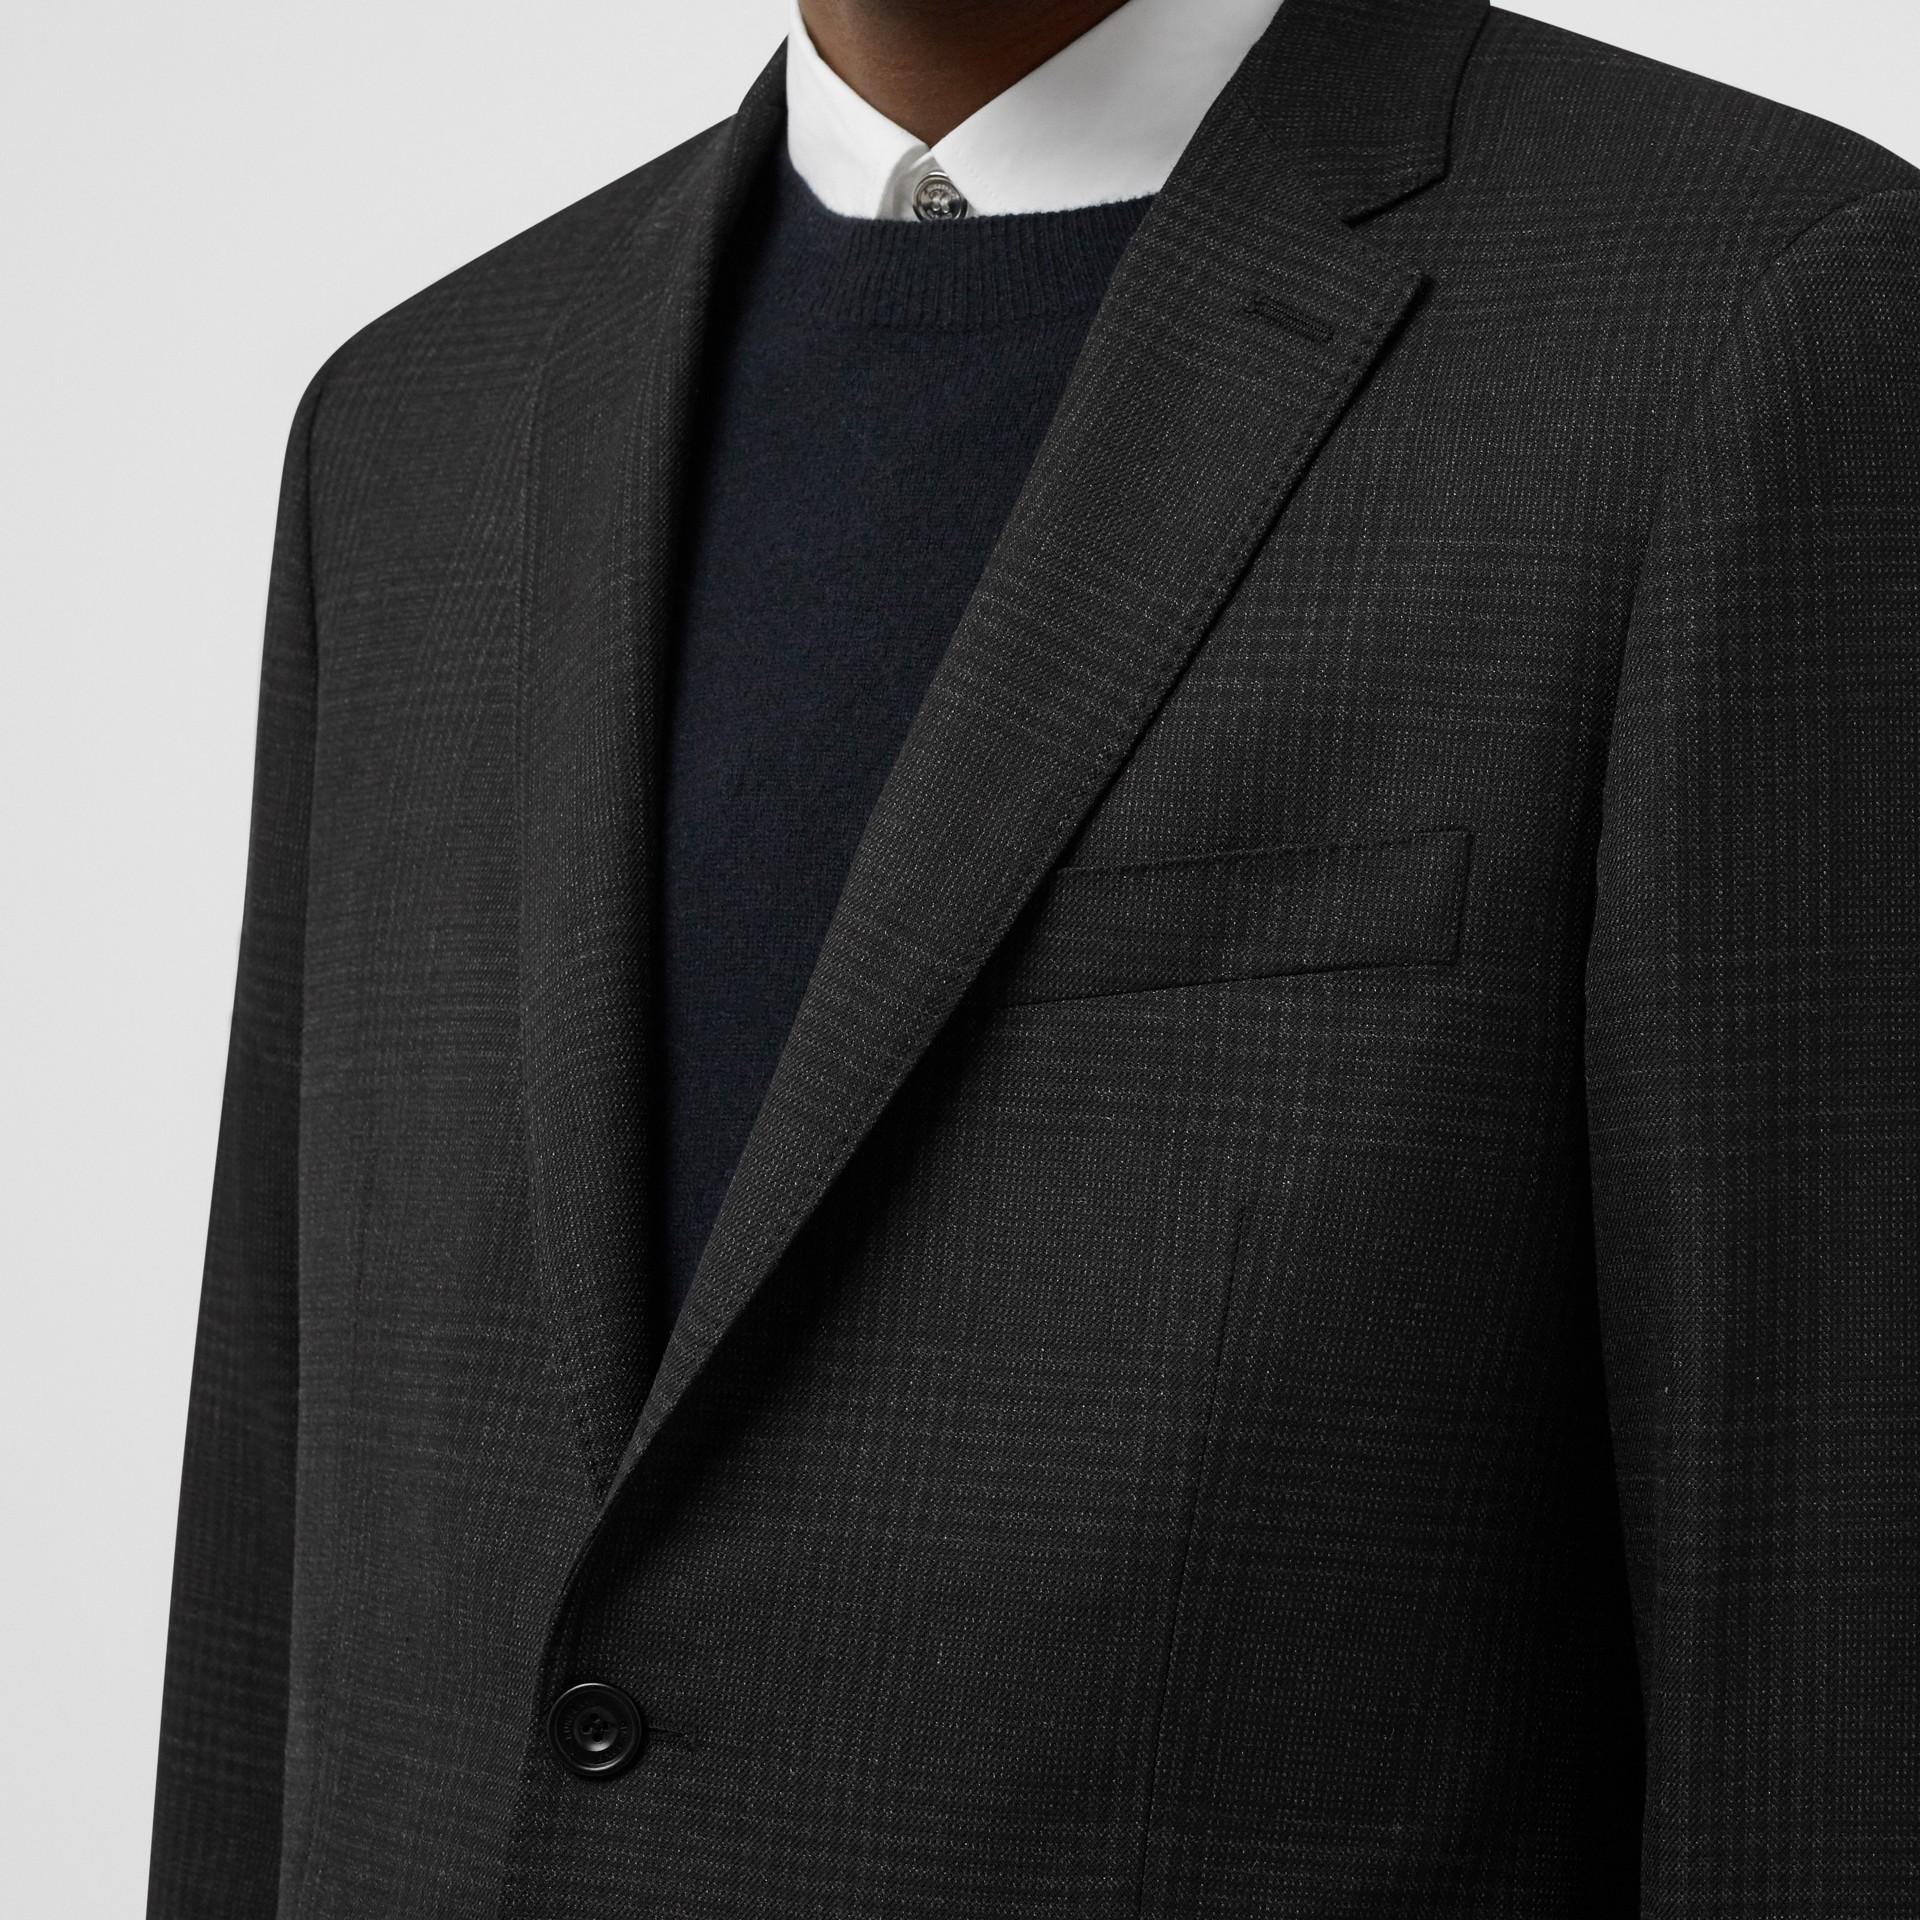 スリムフィット プリンス オブ ウェールズ チェック ウールスーツ (ダークグレー) - メンズ | バーバリー - ギャラリーイメージ 1